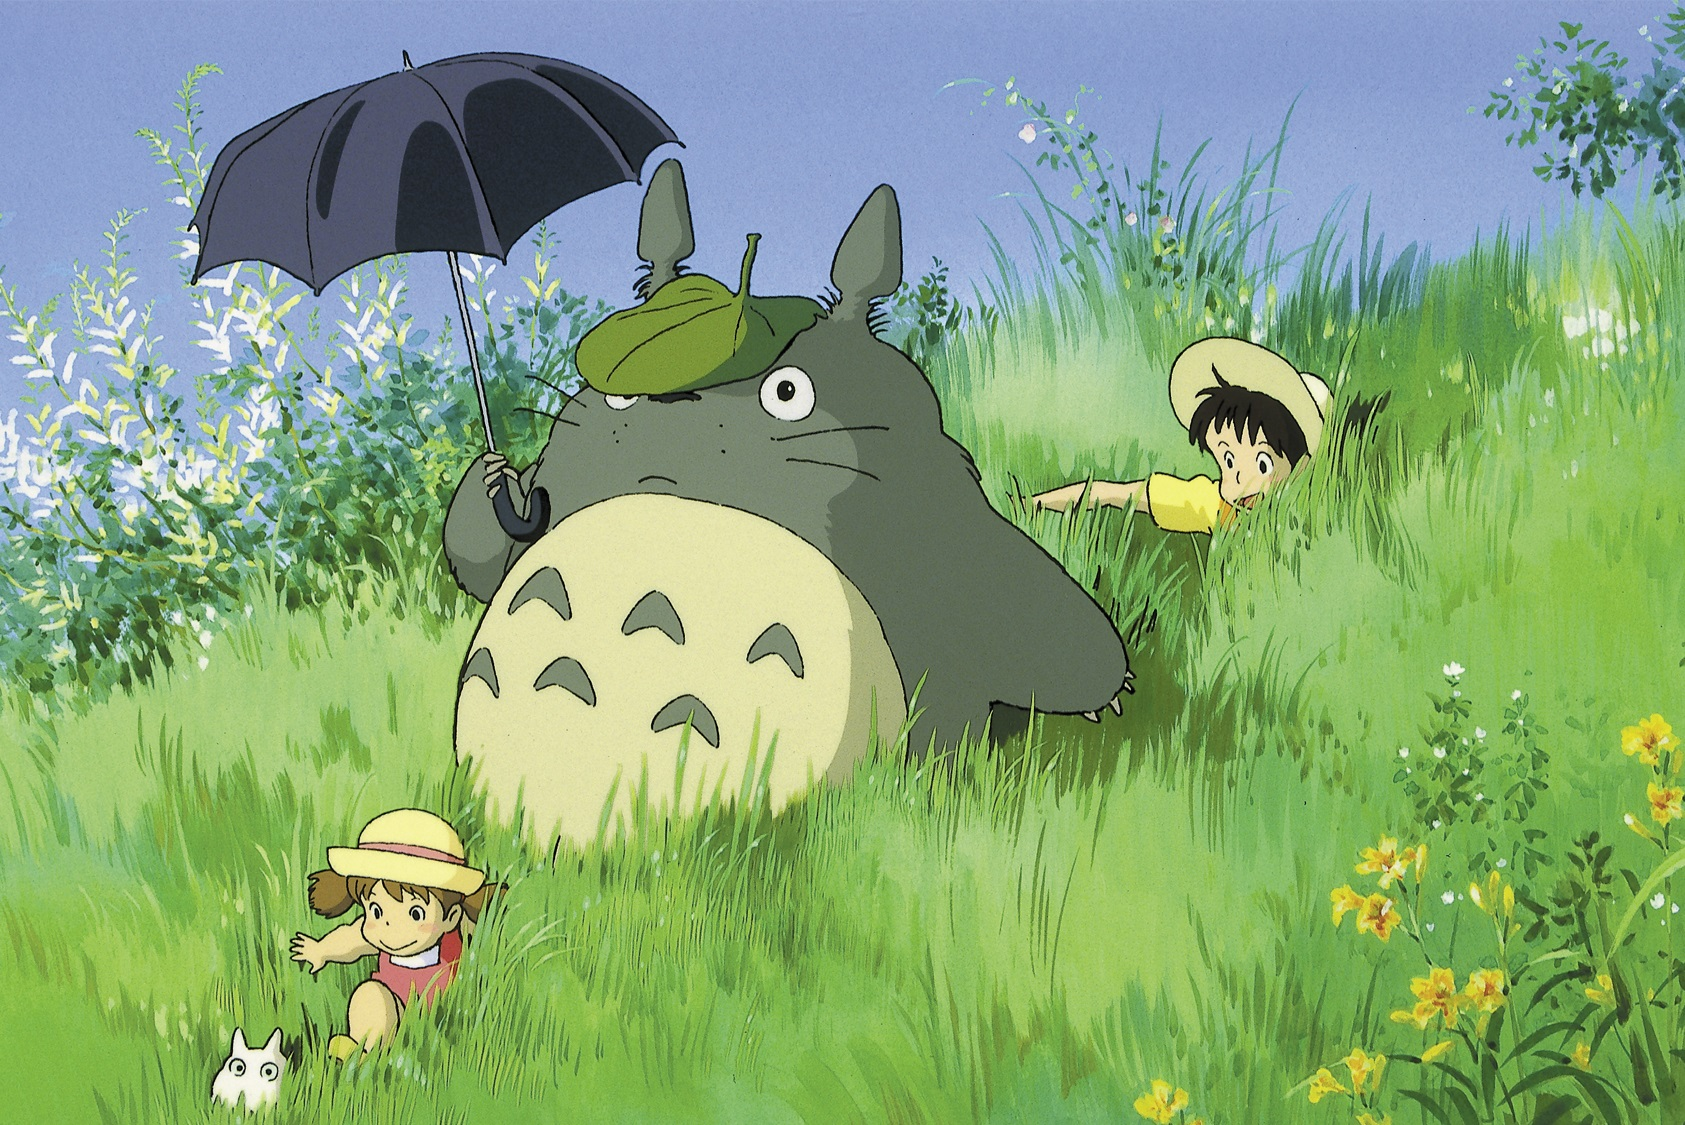 Toshio Suzuki, co-fundador de Studio Ghibli, nos enseña a dibujar a Totoro durante la cuarentena